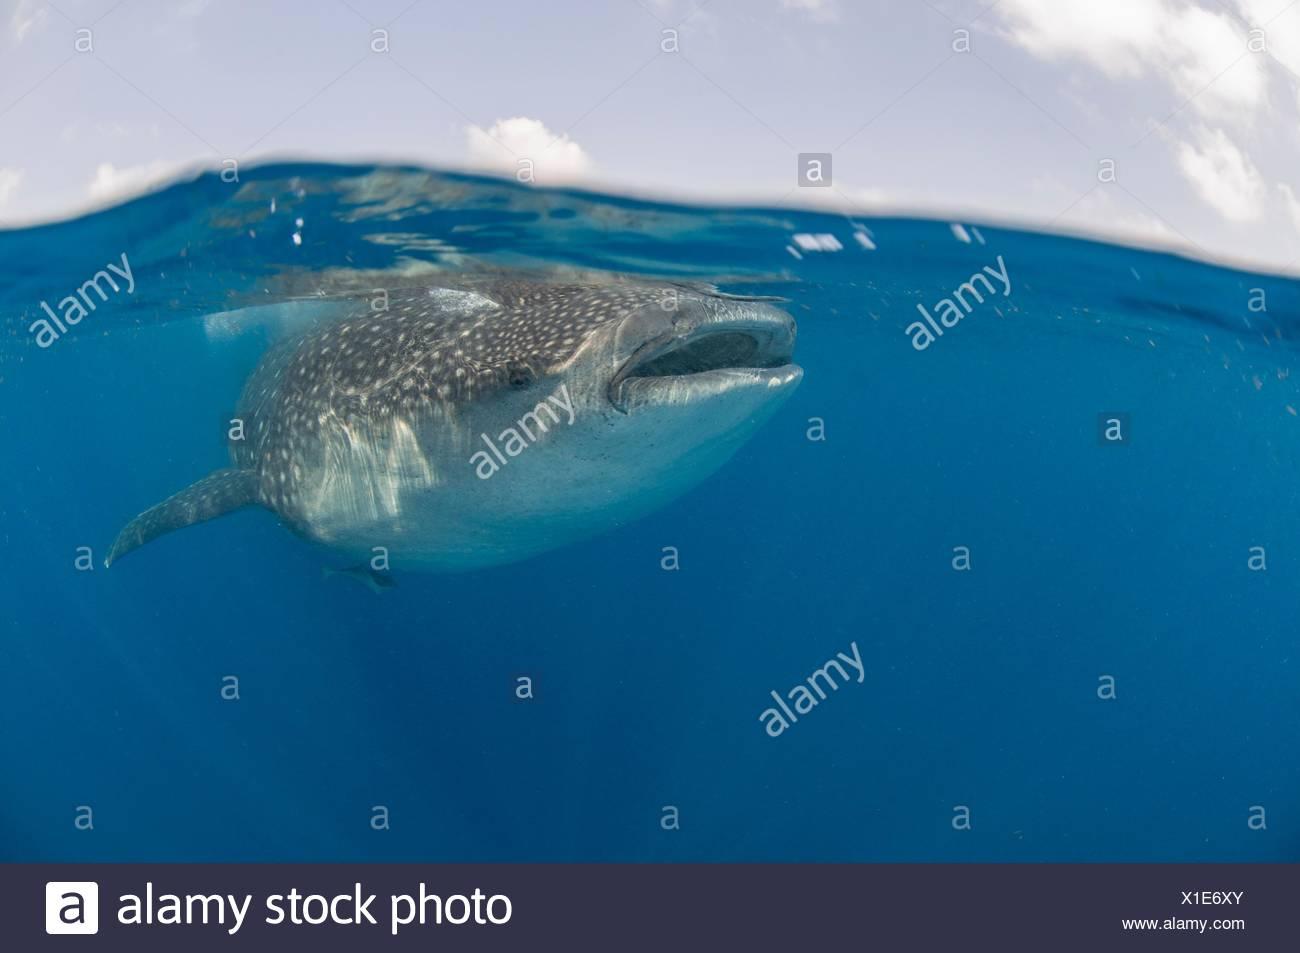 Vista submarina de tiburón ballena alimentándose de huevos de peces, Isla Contoy, Quintana Roo, México. Imagen De Stock